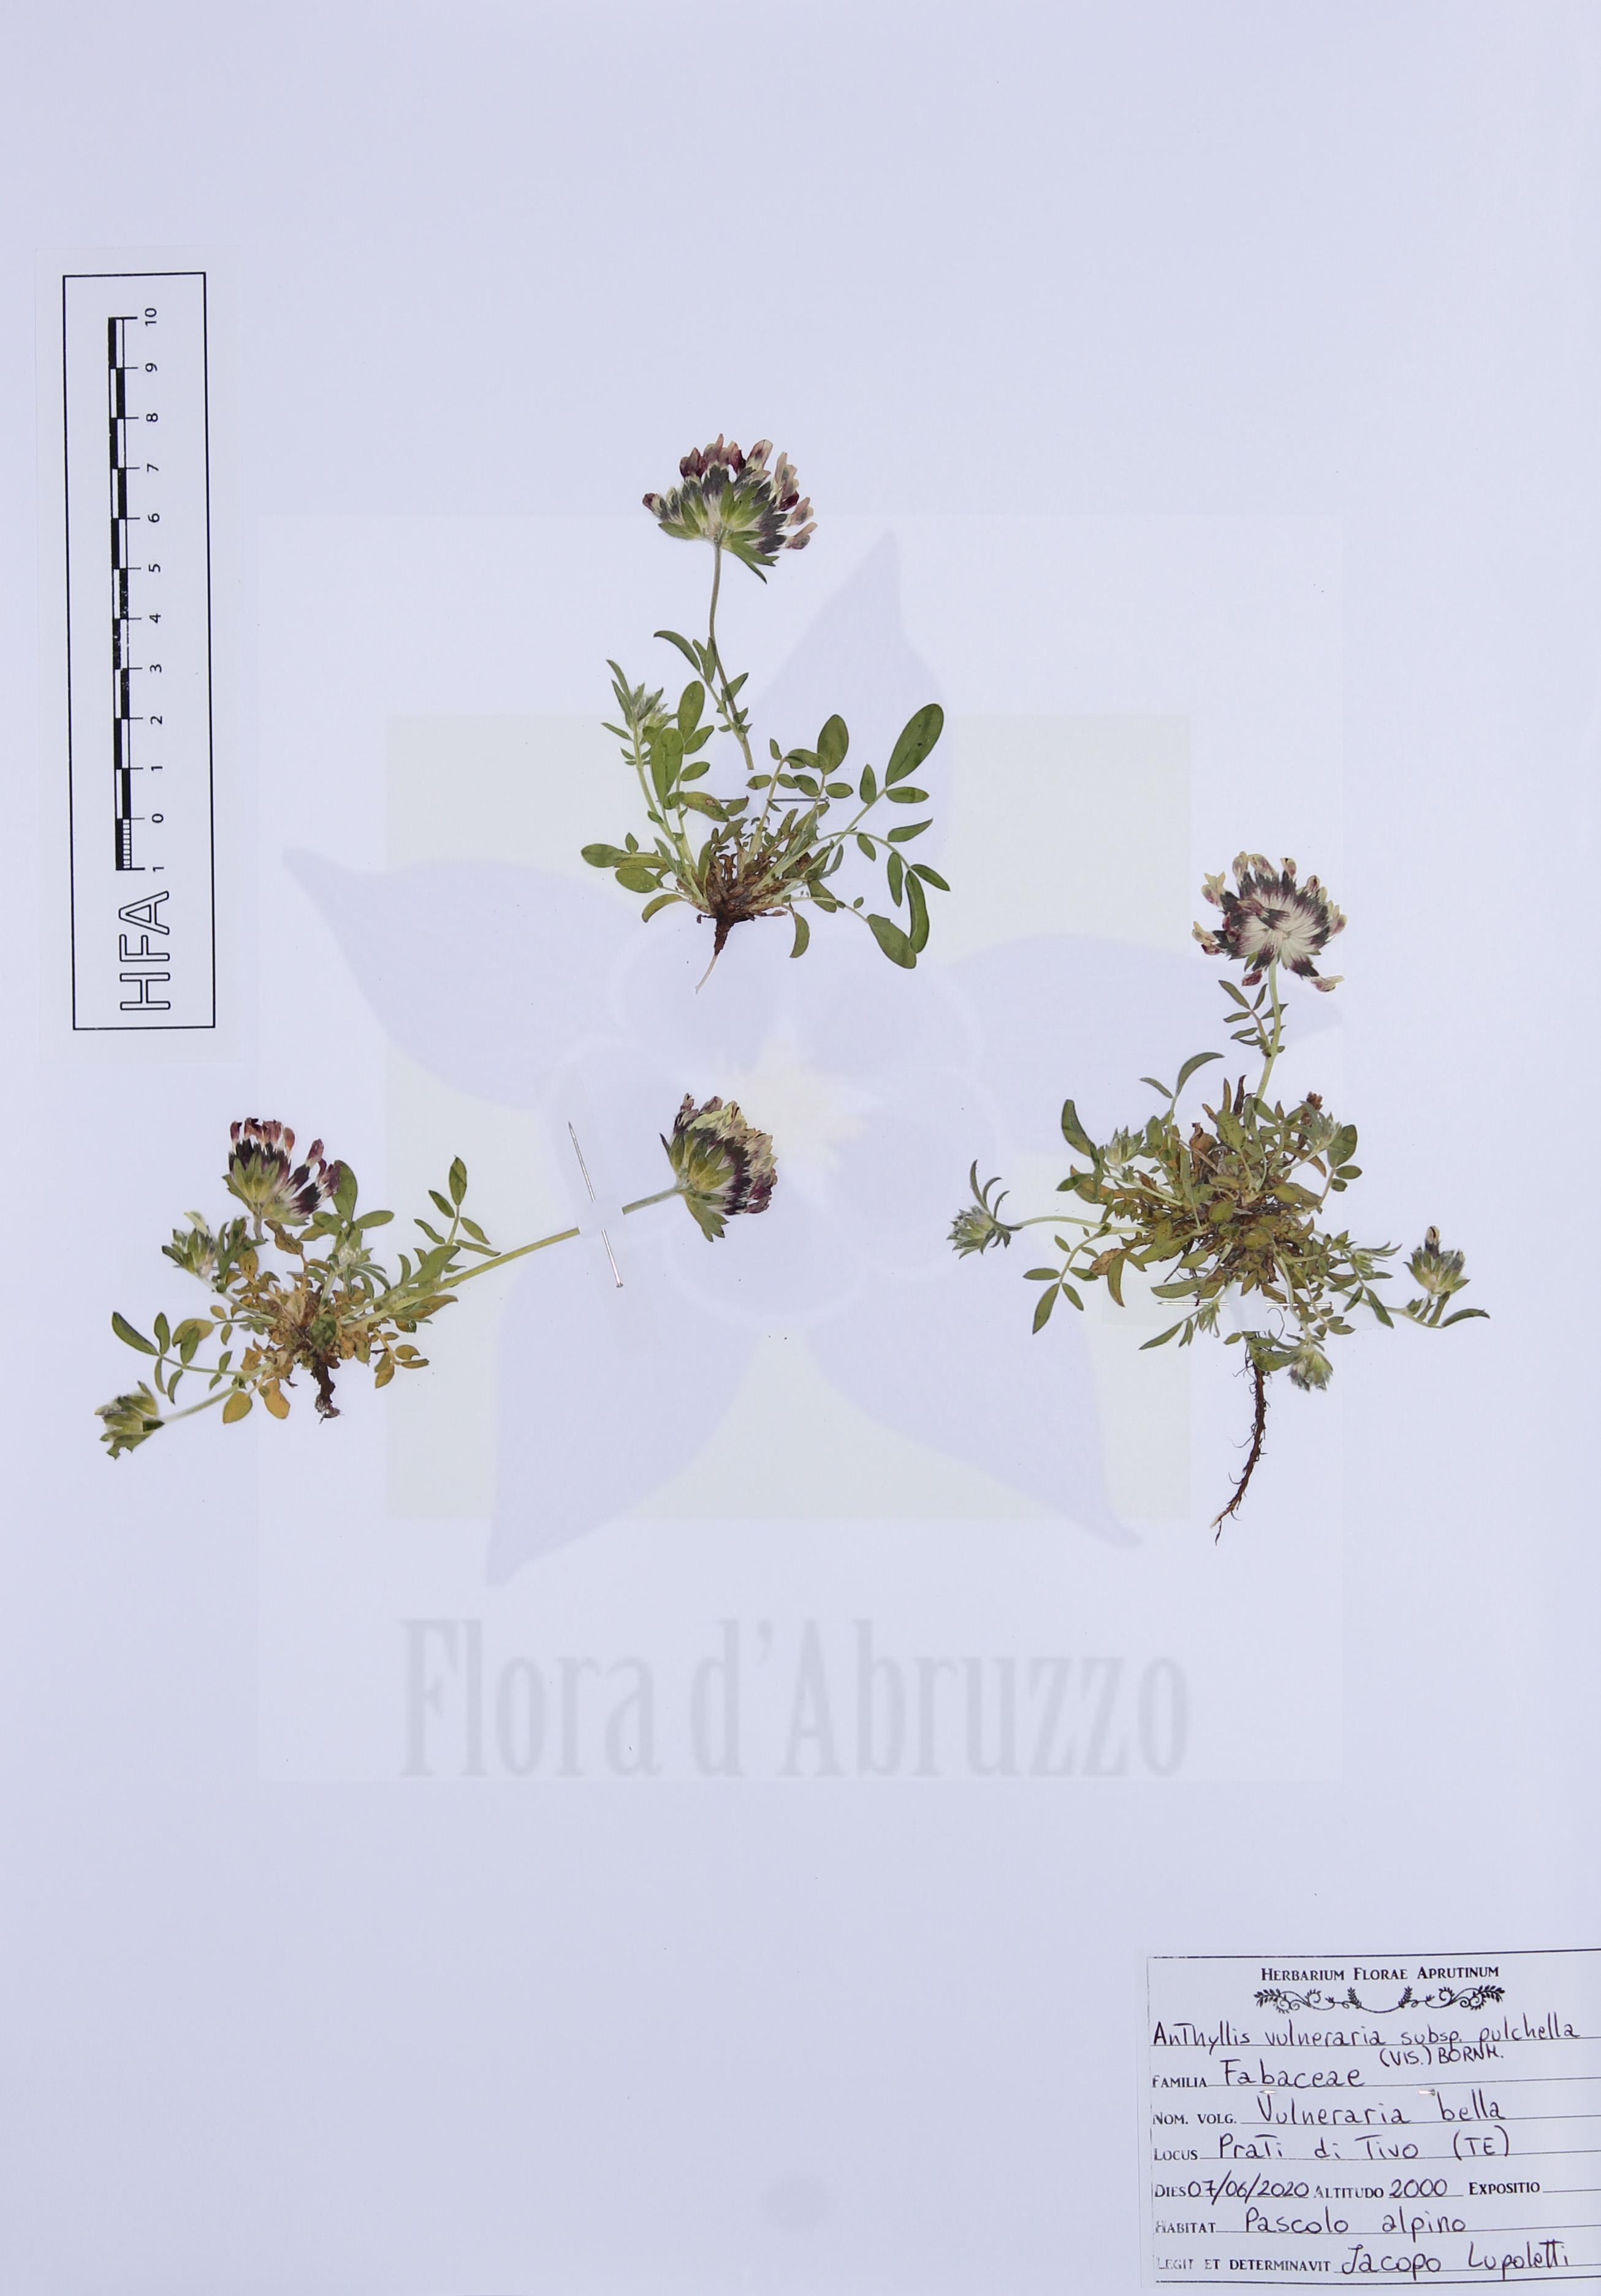 Anthyllis vulnerariasubsp.pulchella(Vis.) Bornm.